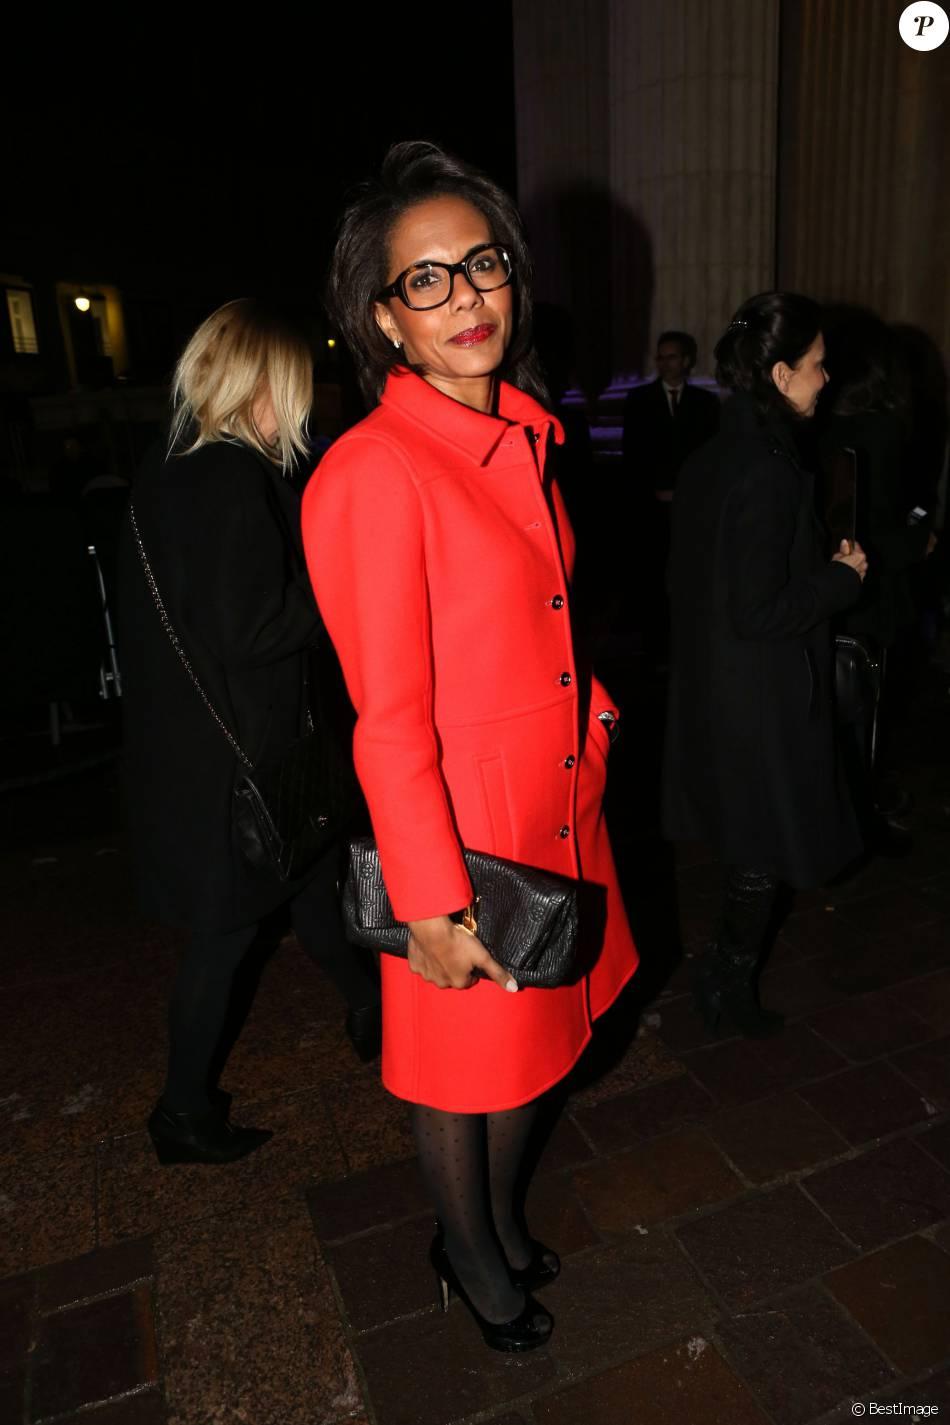 Audrey Pulvar - Arrivées au défile Etam collection prêt-à-porter automne-hiver 2014/2015 lors de la fashion week à la Bourse du Commerce à Paris le 25 février 2014